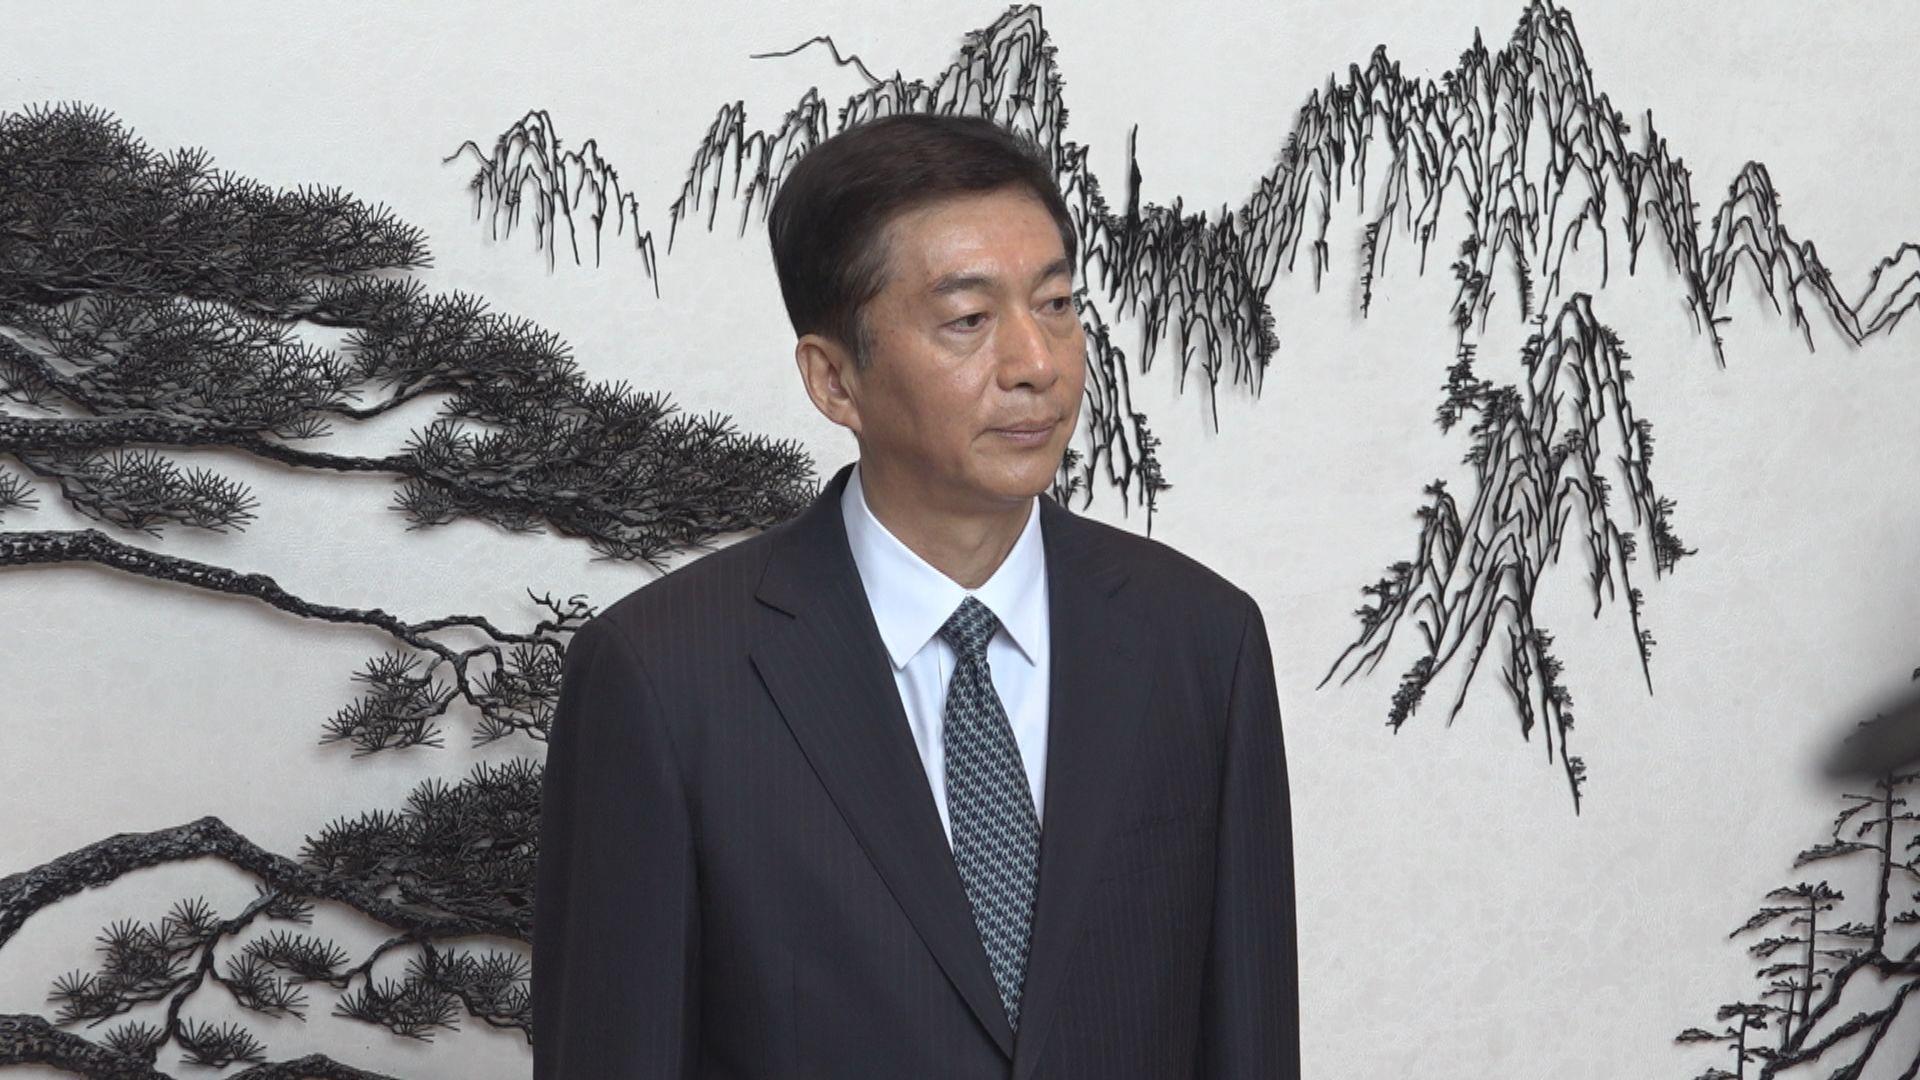 駱惠寧:證明為國為港做了應做的事 在外國並無資產